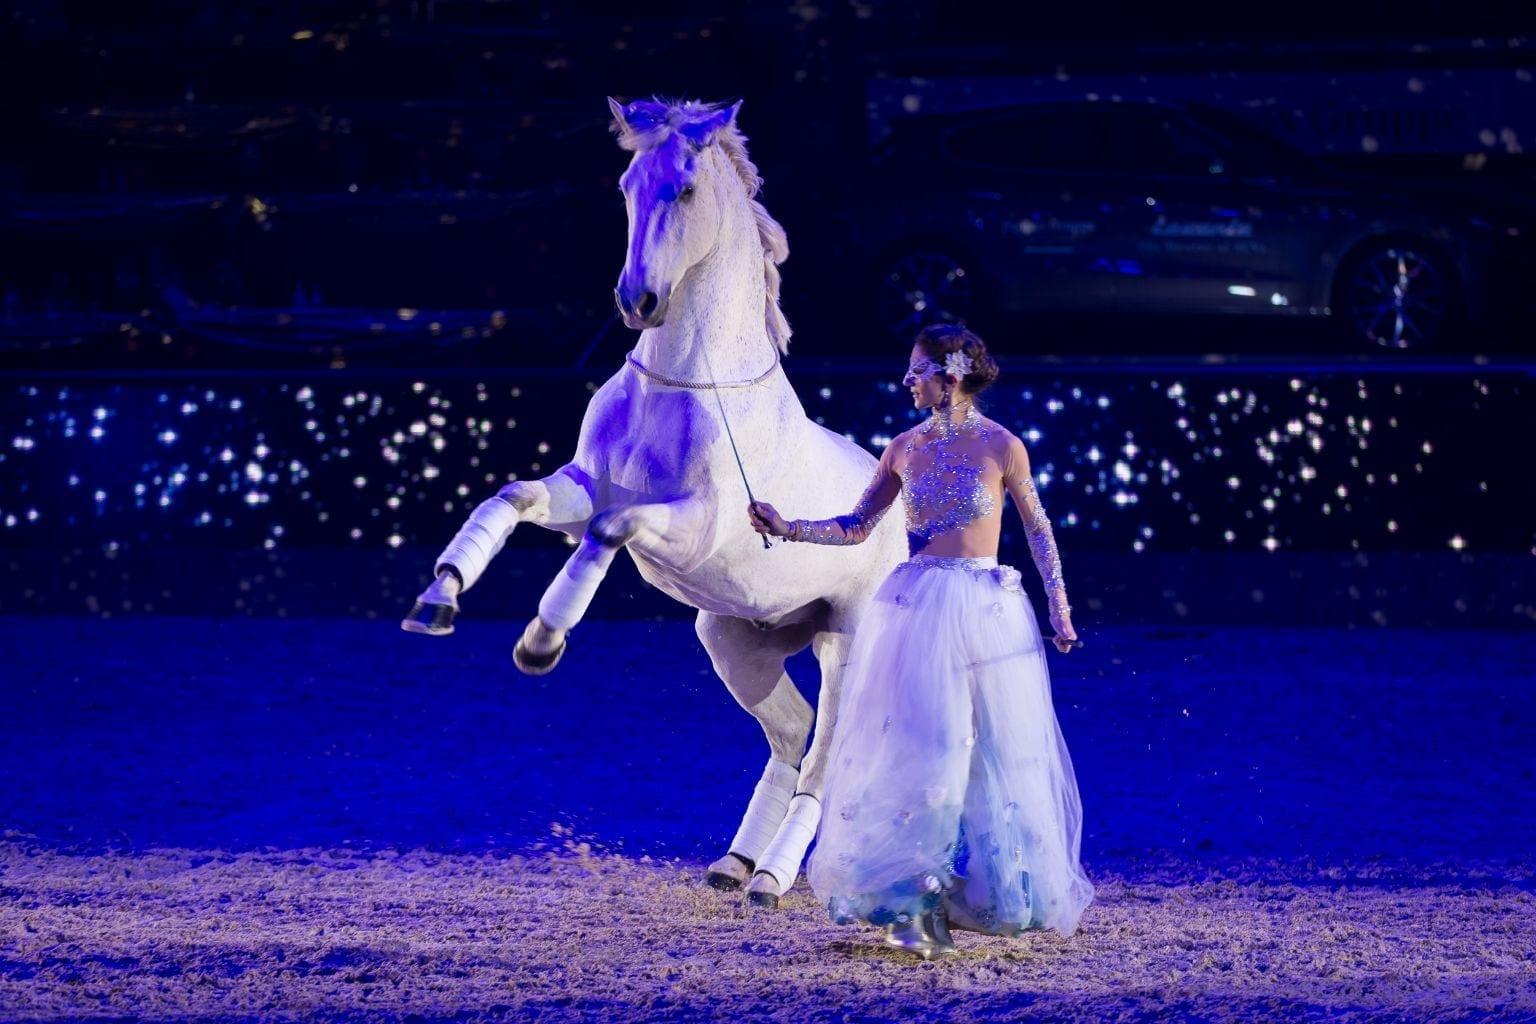 Alizee Froment sorgte für zauberhafte Moment und einzigartige Stimmung bei der Conares Showtime der Mevisto Amadeus Horse Indoors 2016. © Michael Graf